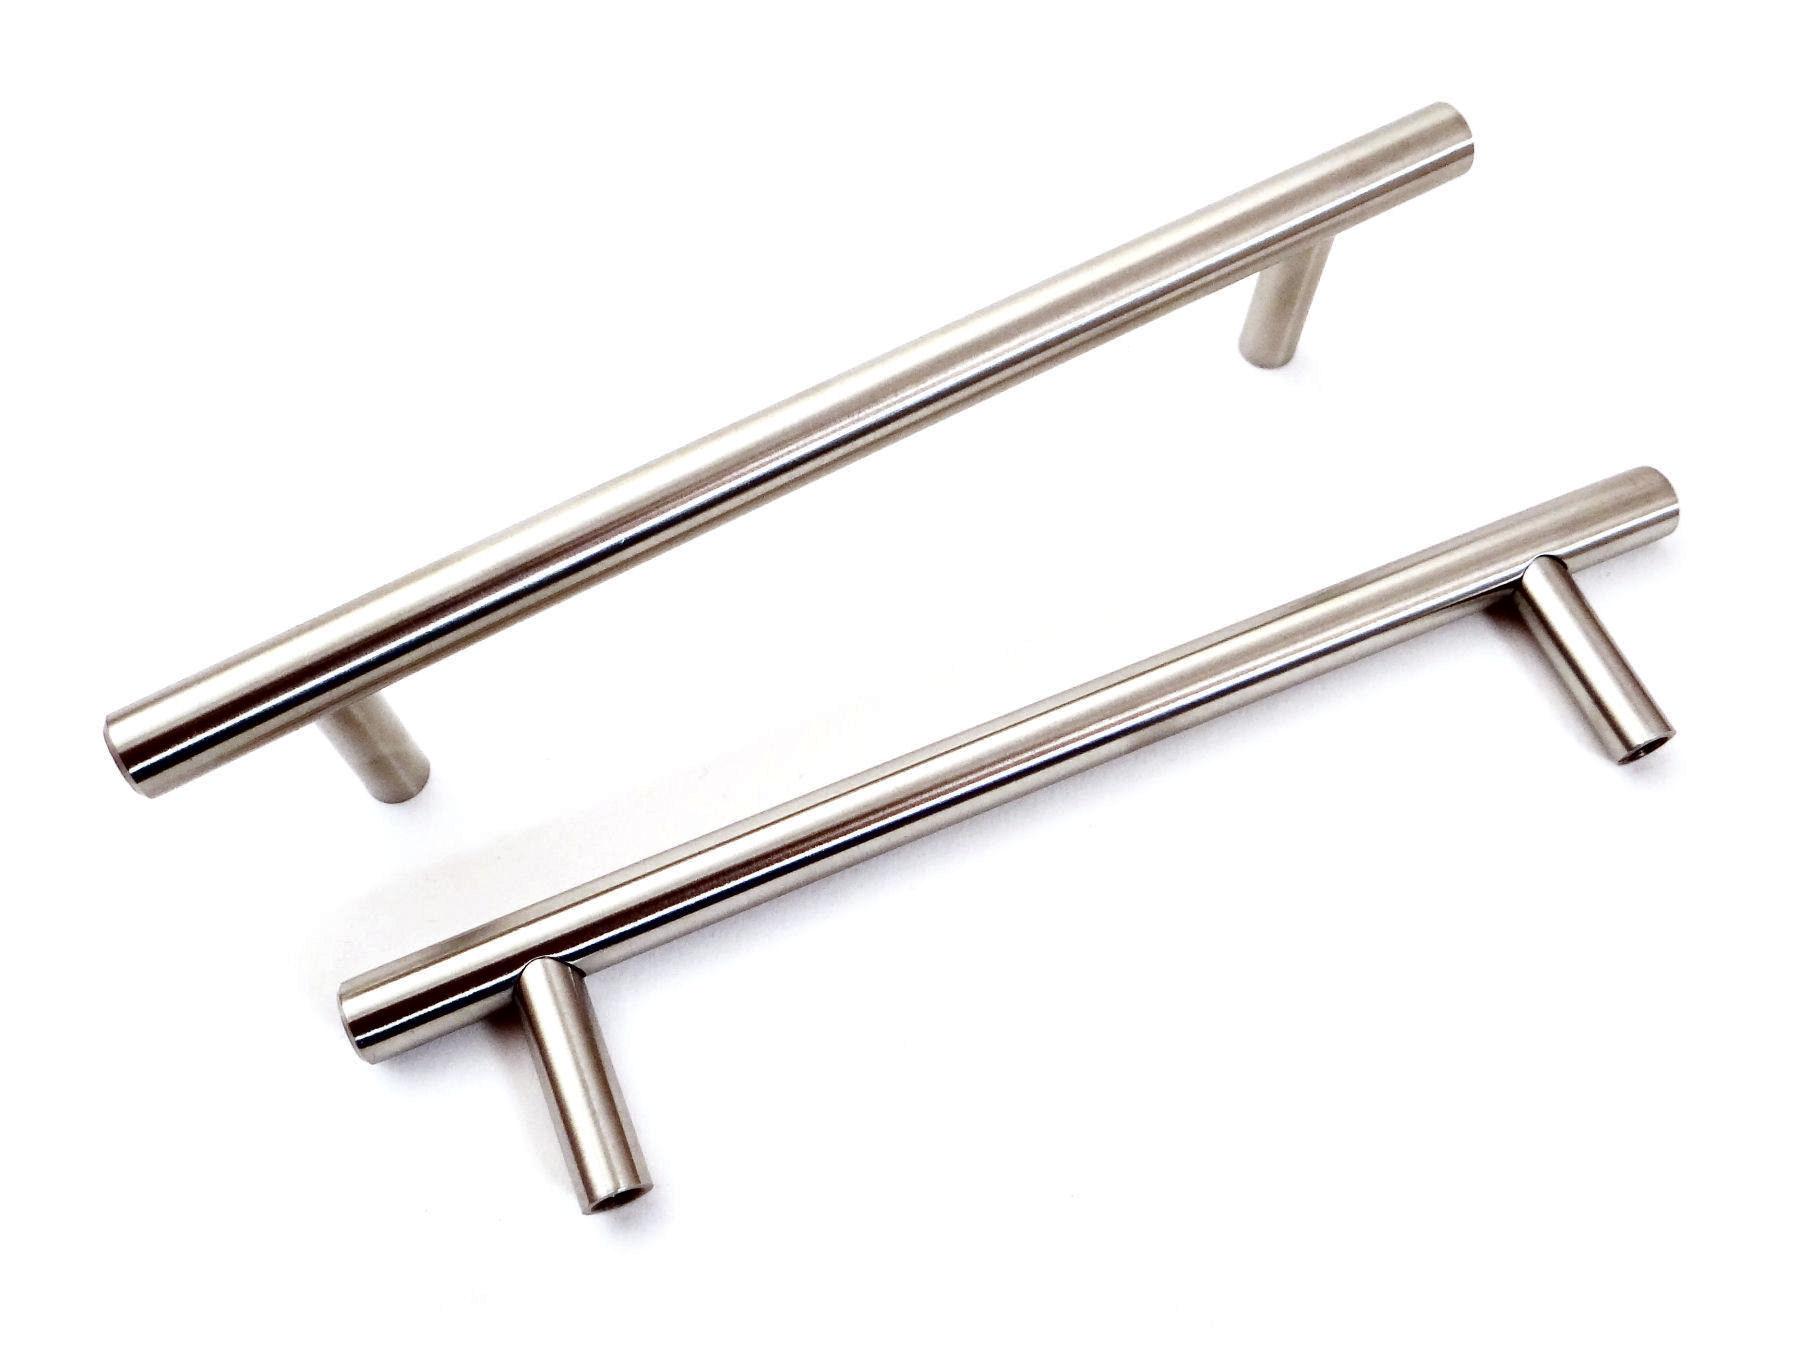 massiv /Ø 10 mm Bogengriff M/öbelgriffe ECHT EDELSTAHL geb/ürstet 320 mm BA